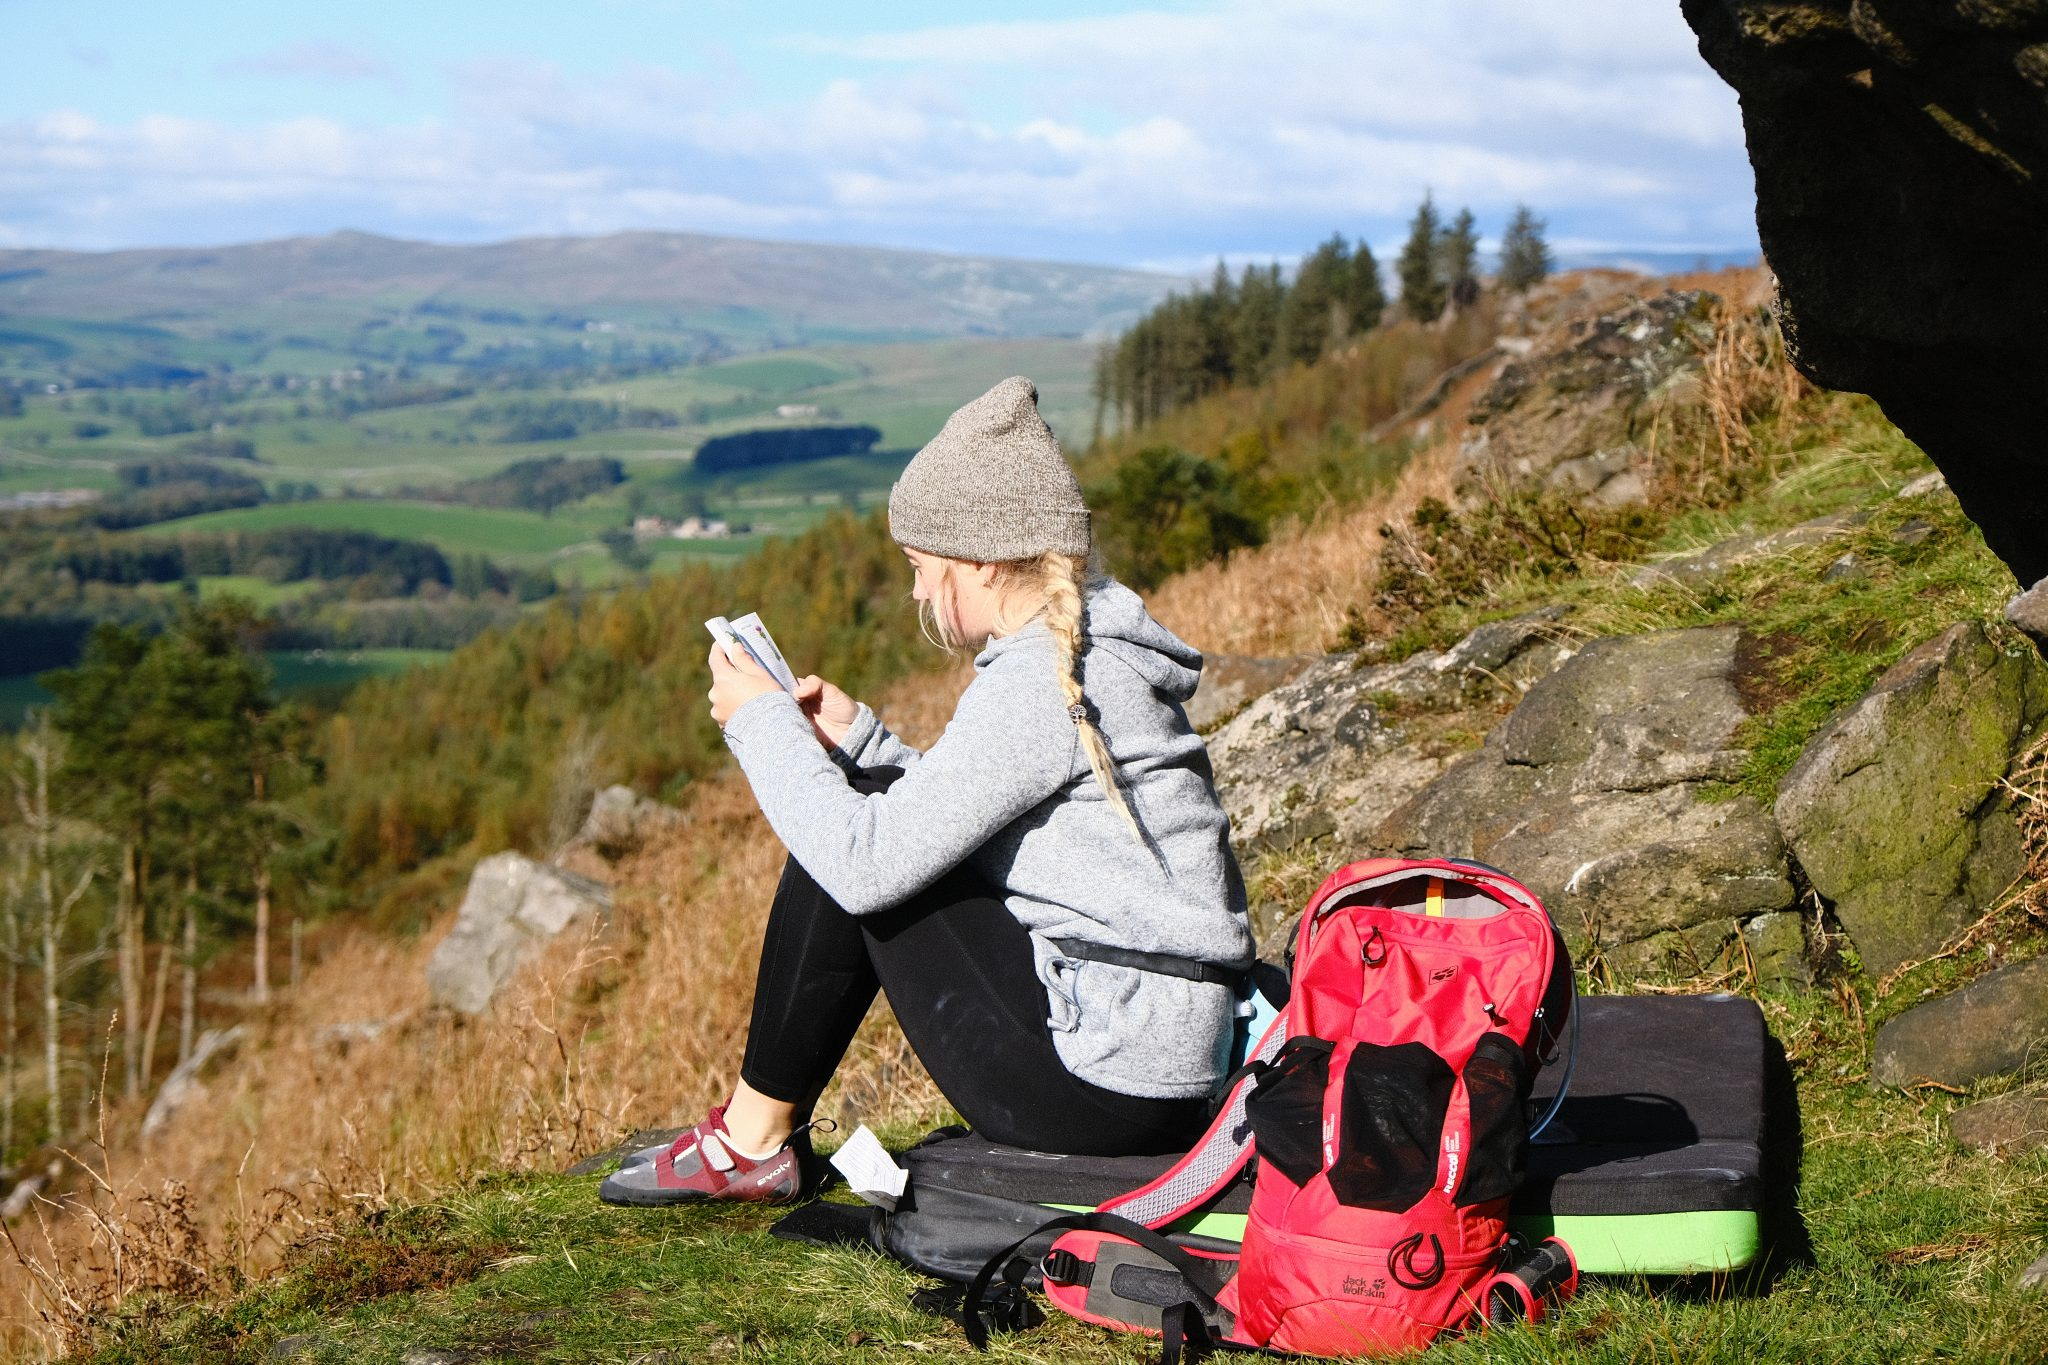 Female rock climber sitting on a climbing mat